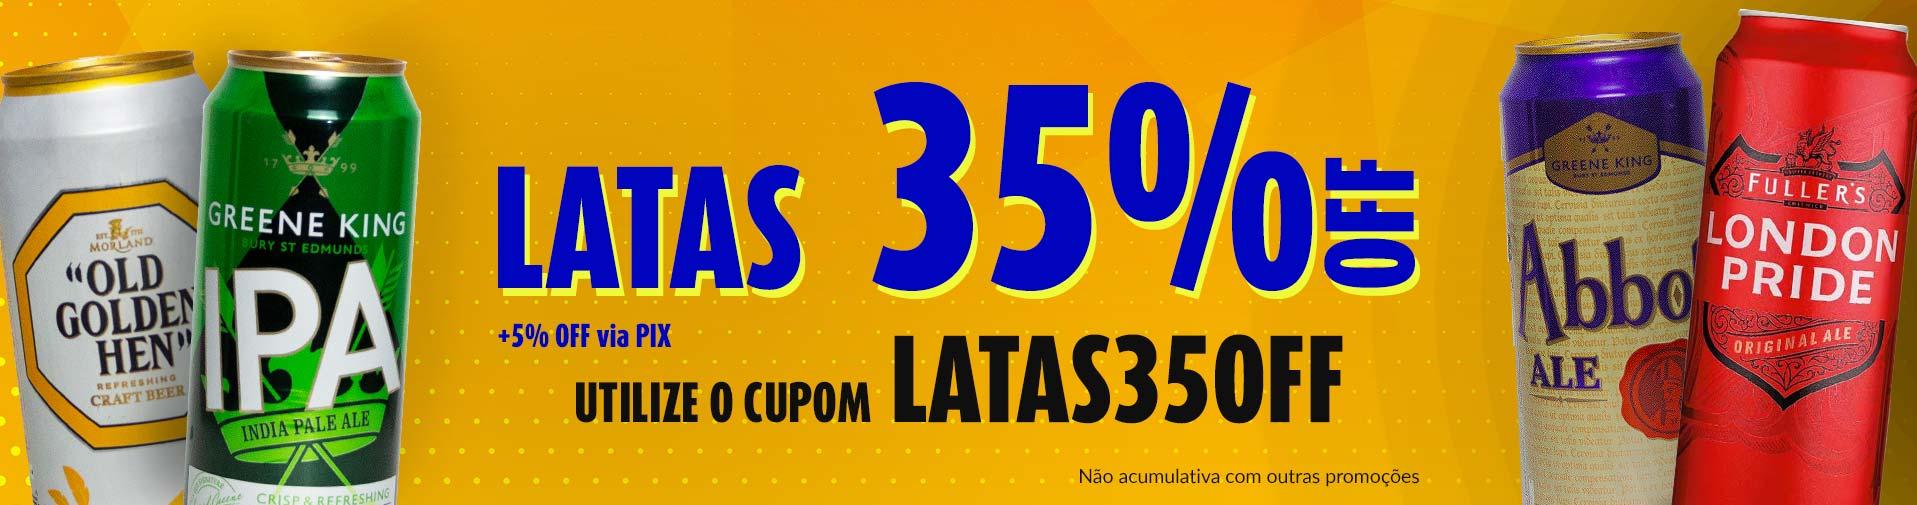 latas35